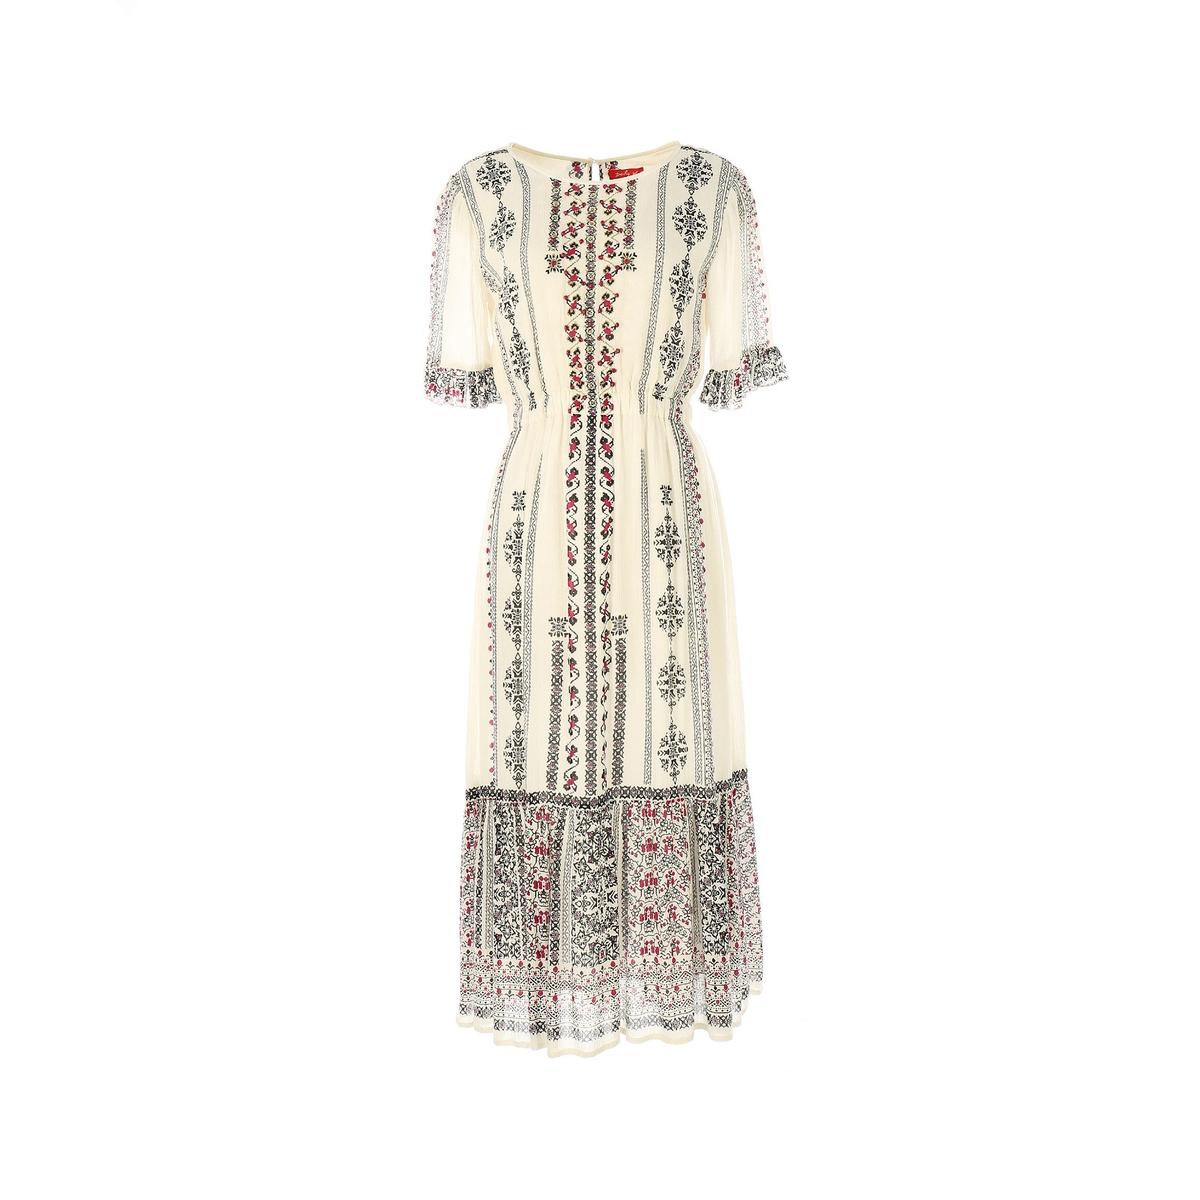 Платье с короткими рукавамиМатериал : 100% вискоза  Длина рукава : короткие рукава  Форма воротника : круглый вырез Покрой платья : платье прямого покроя    Рисунок : принт   Длина платья : до колен<br><br>Цвет: рисунок/экрю<br>Размер: M